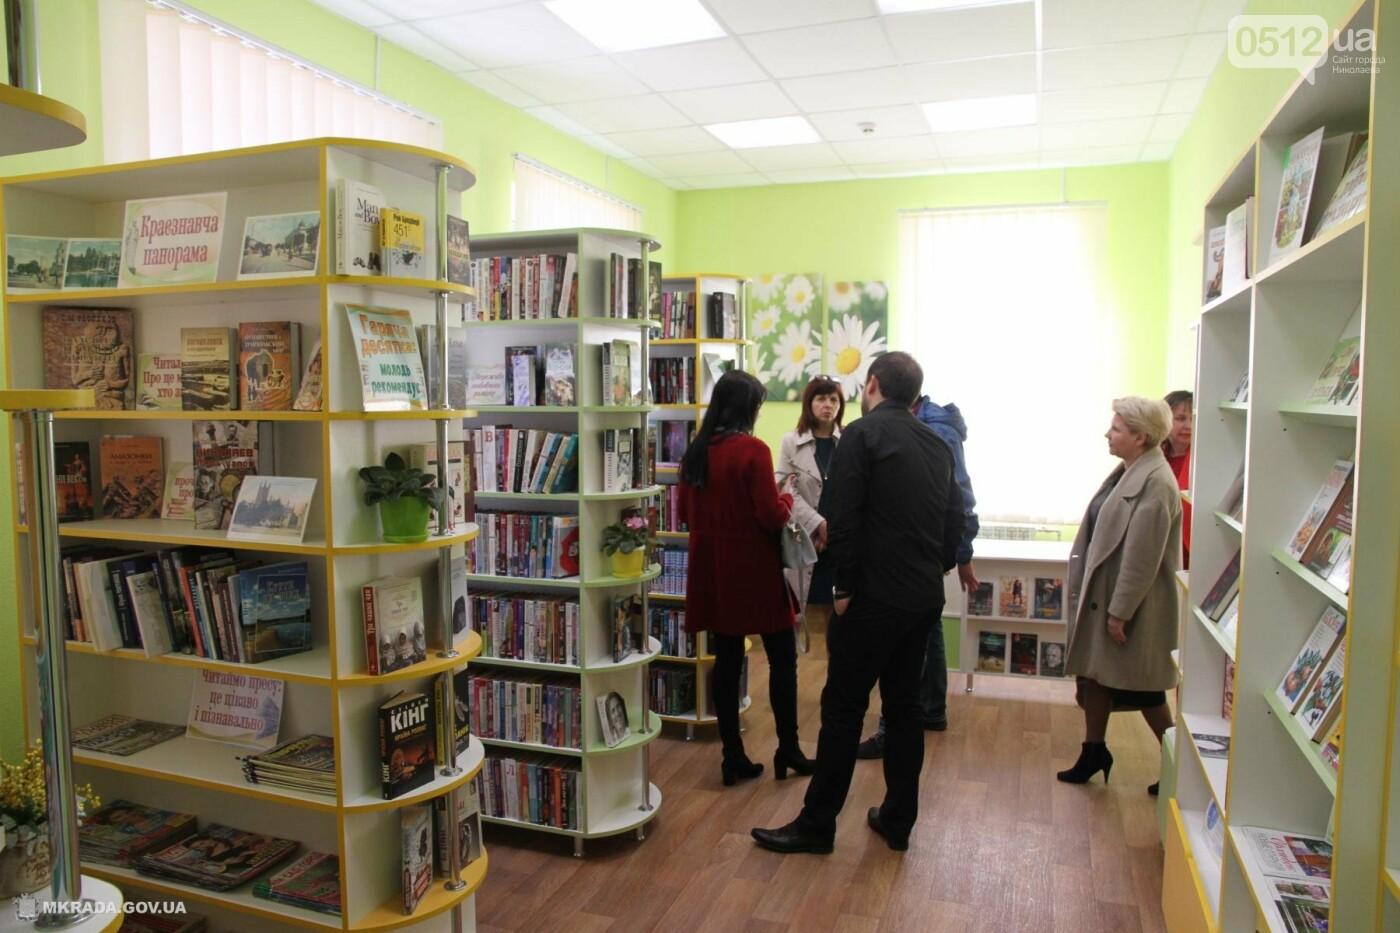 В Николаеве после капитального ремонта открылись 2 библиотеки, фото-2